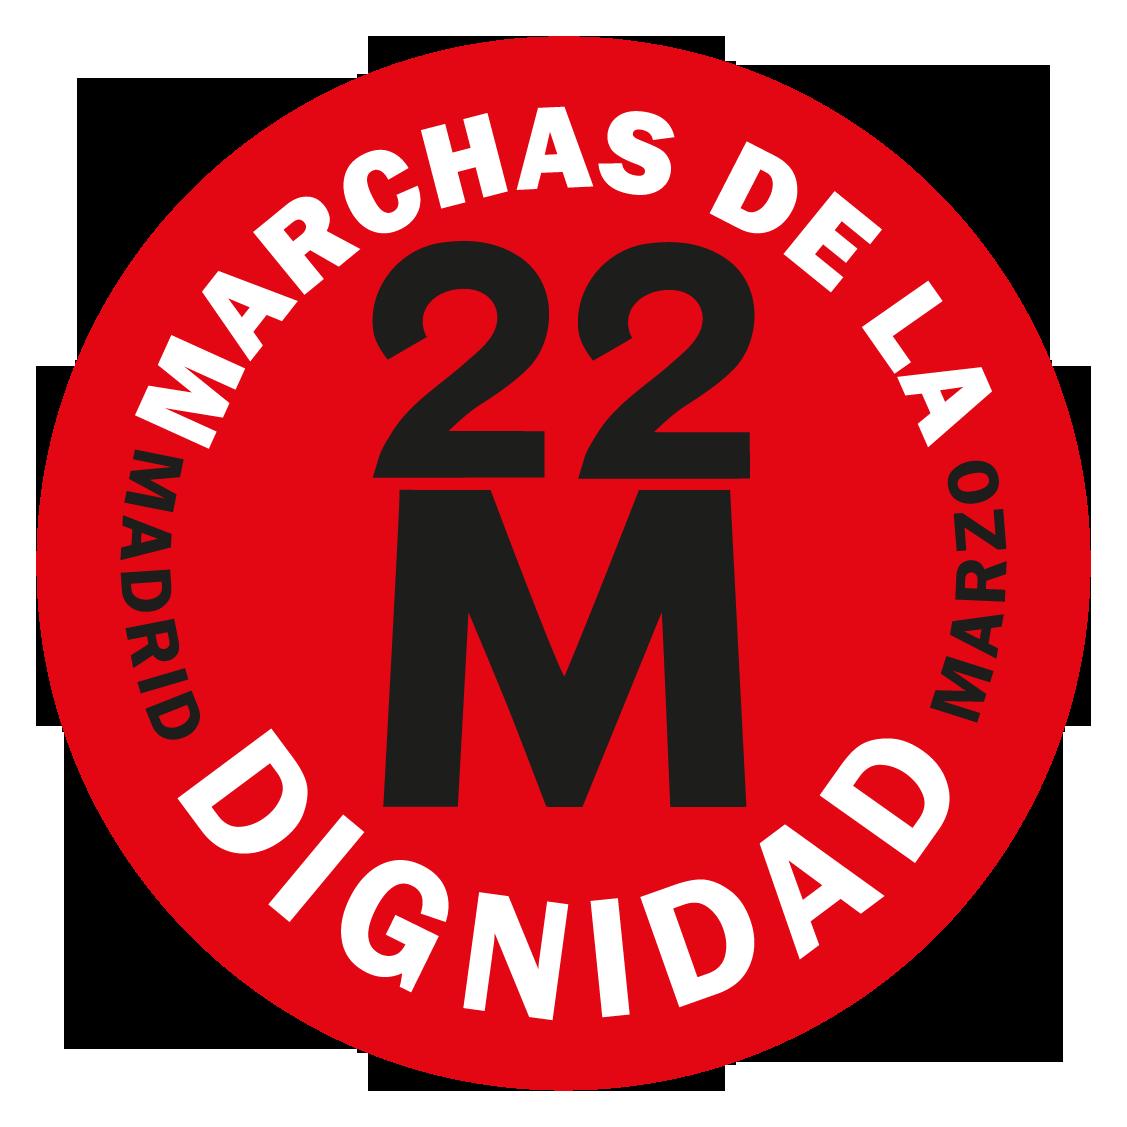 22M-G-bn